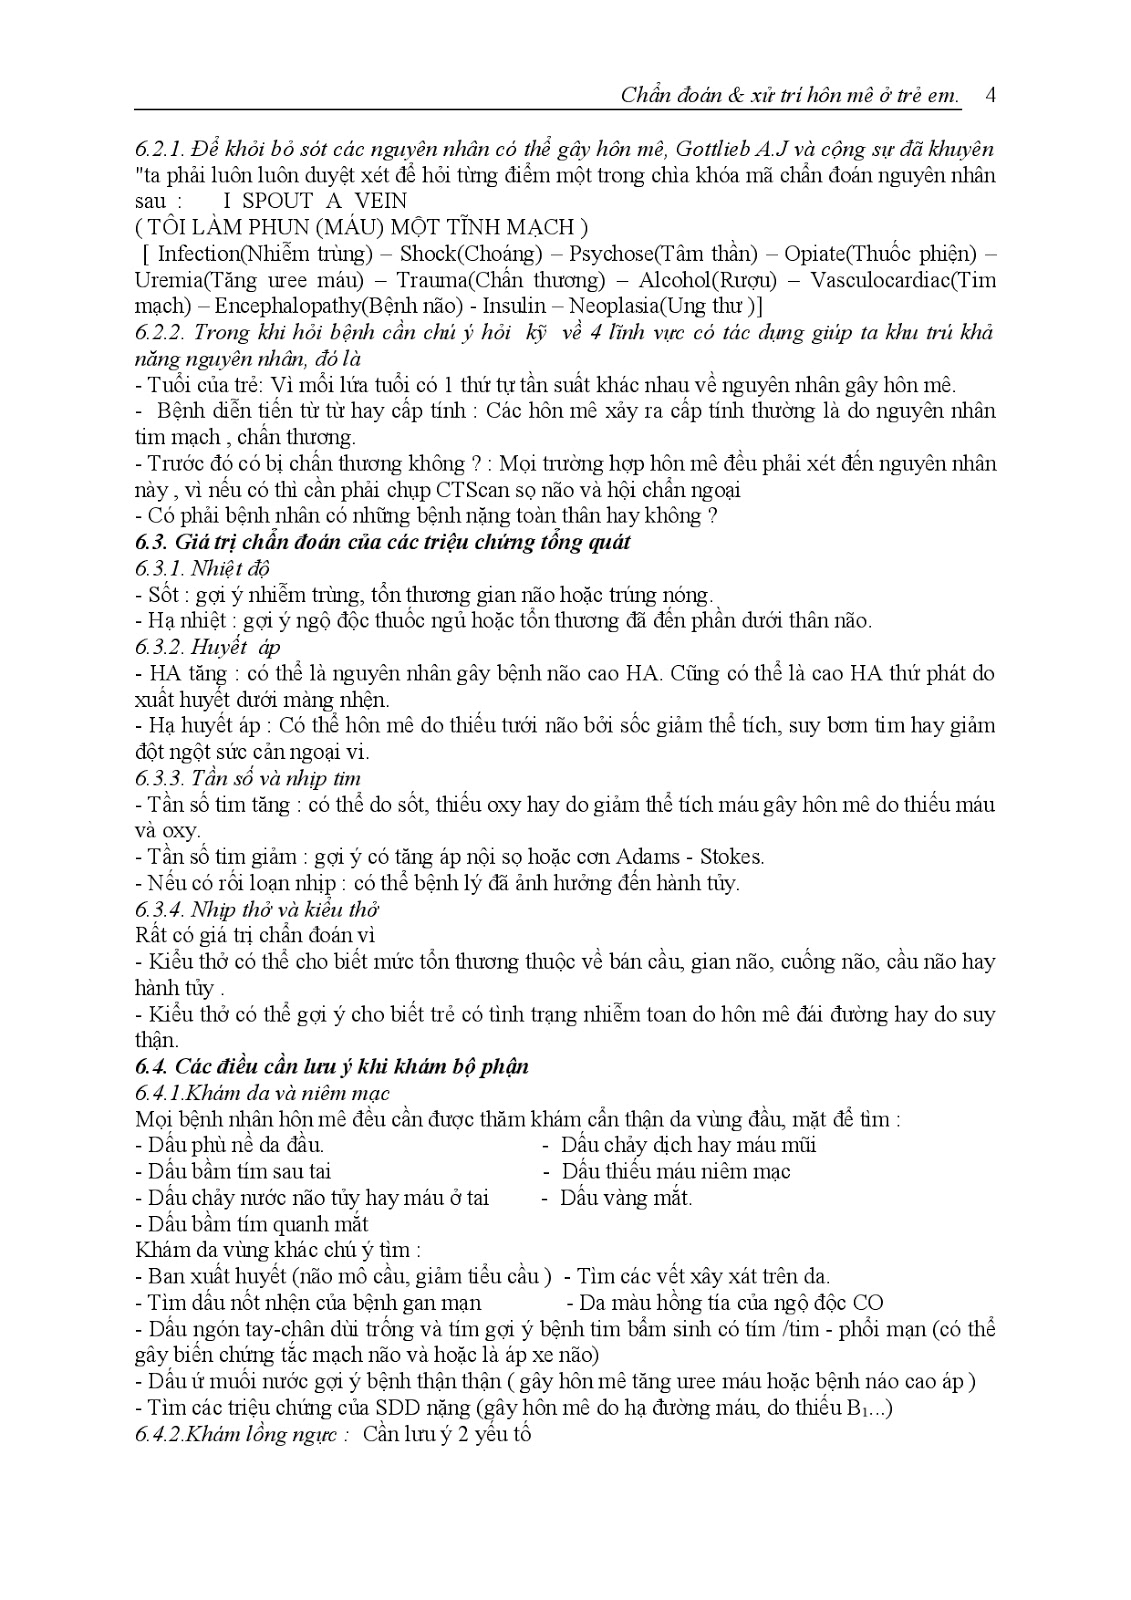 Trang 5 sach Bài giảng Nhi khoa III (Sơ sinh - Cấp cứu - Thần kinh - Chăm sóc sức khỏe ban đầu) - ĐH Y Huế